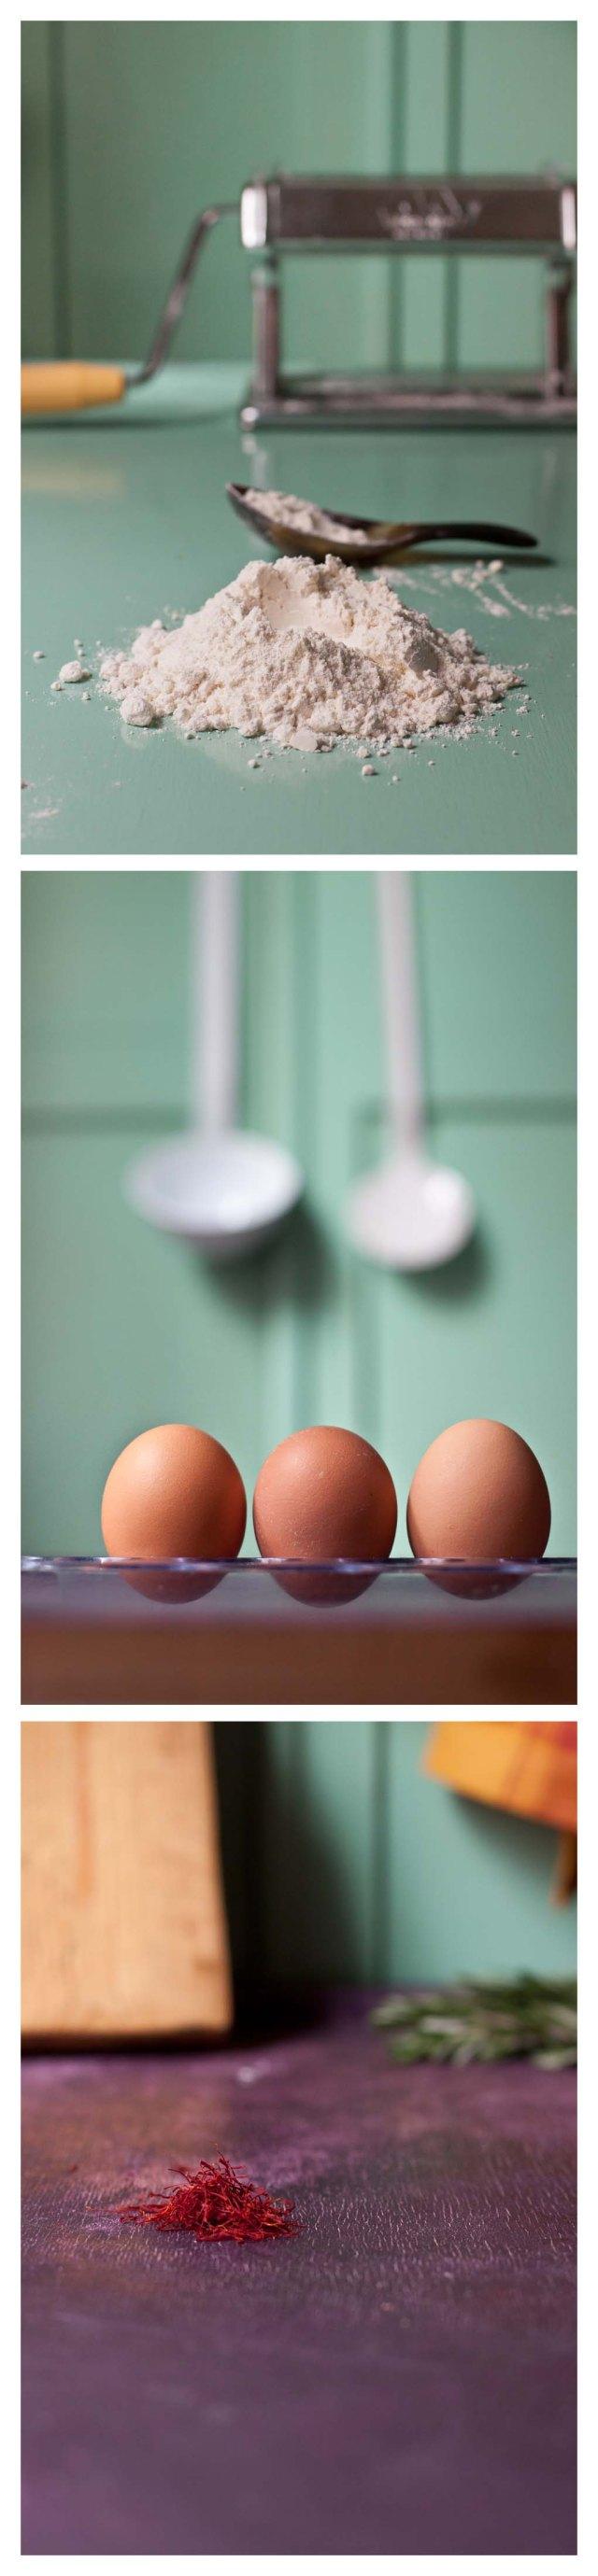 Harina-huevos-y-azafrán